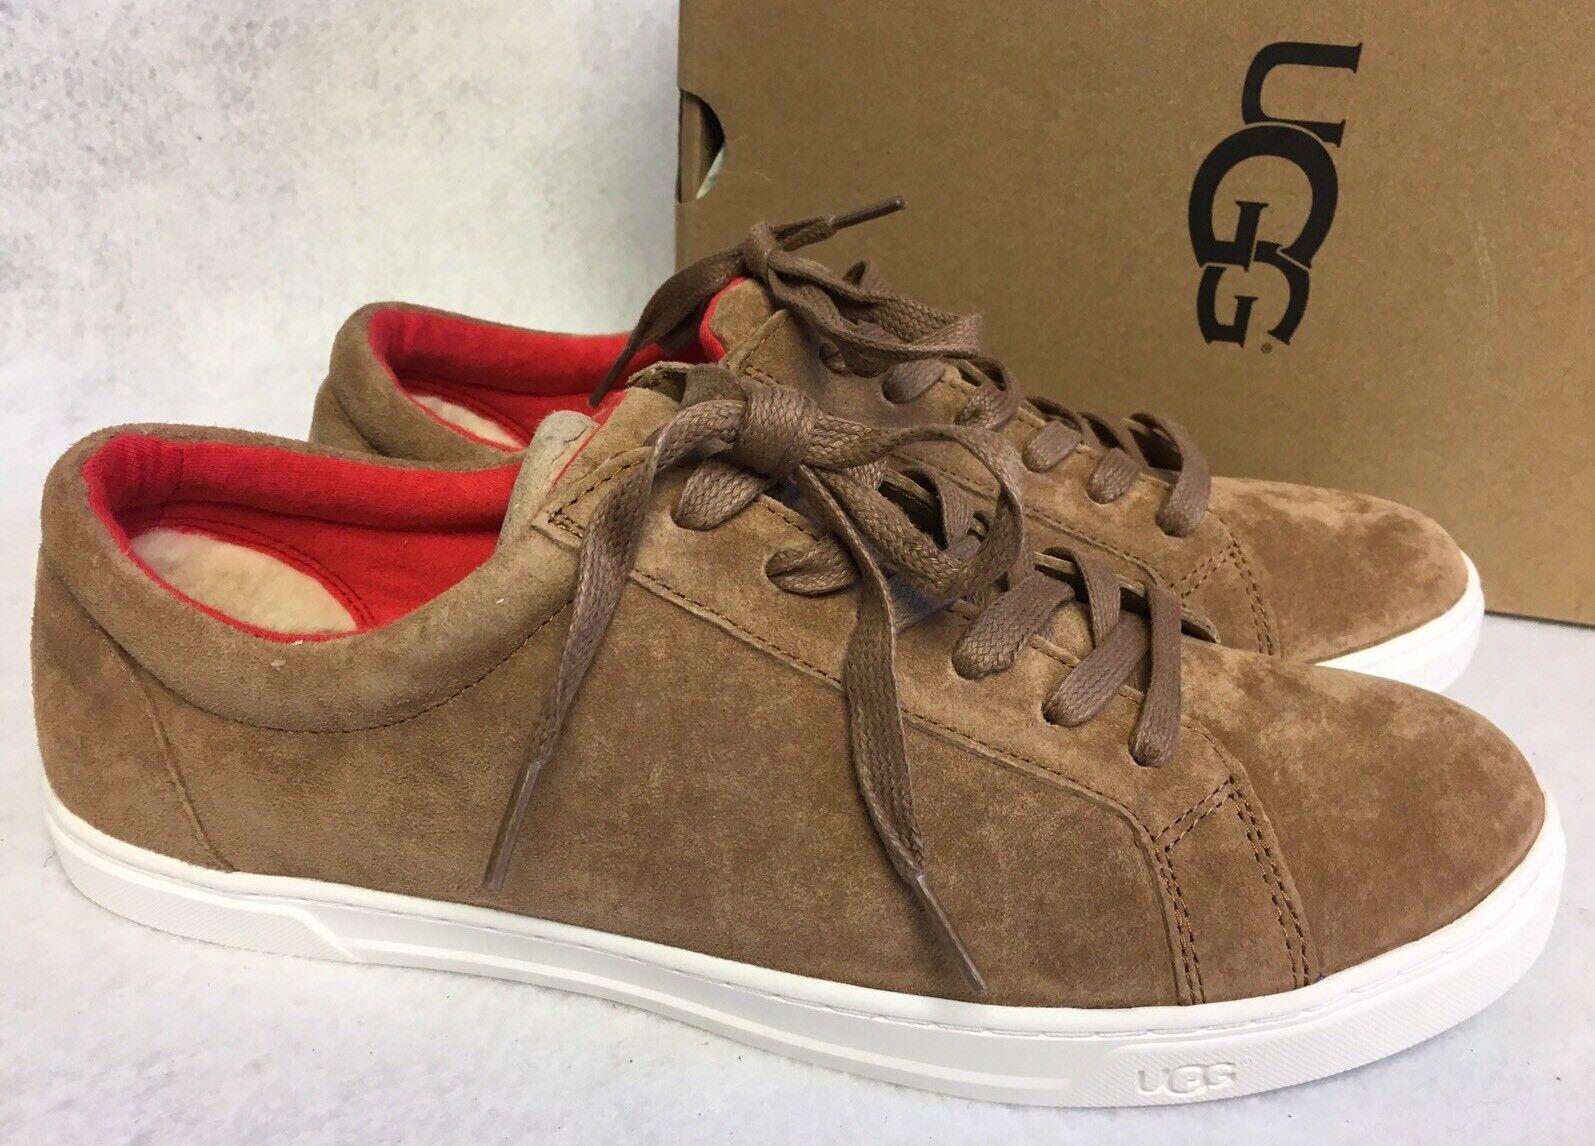 Ugg Australia Karine Chaussures à lacets en daim à la mode pour femmes - Baskets 1015044